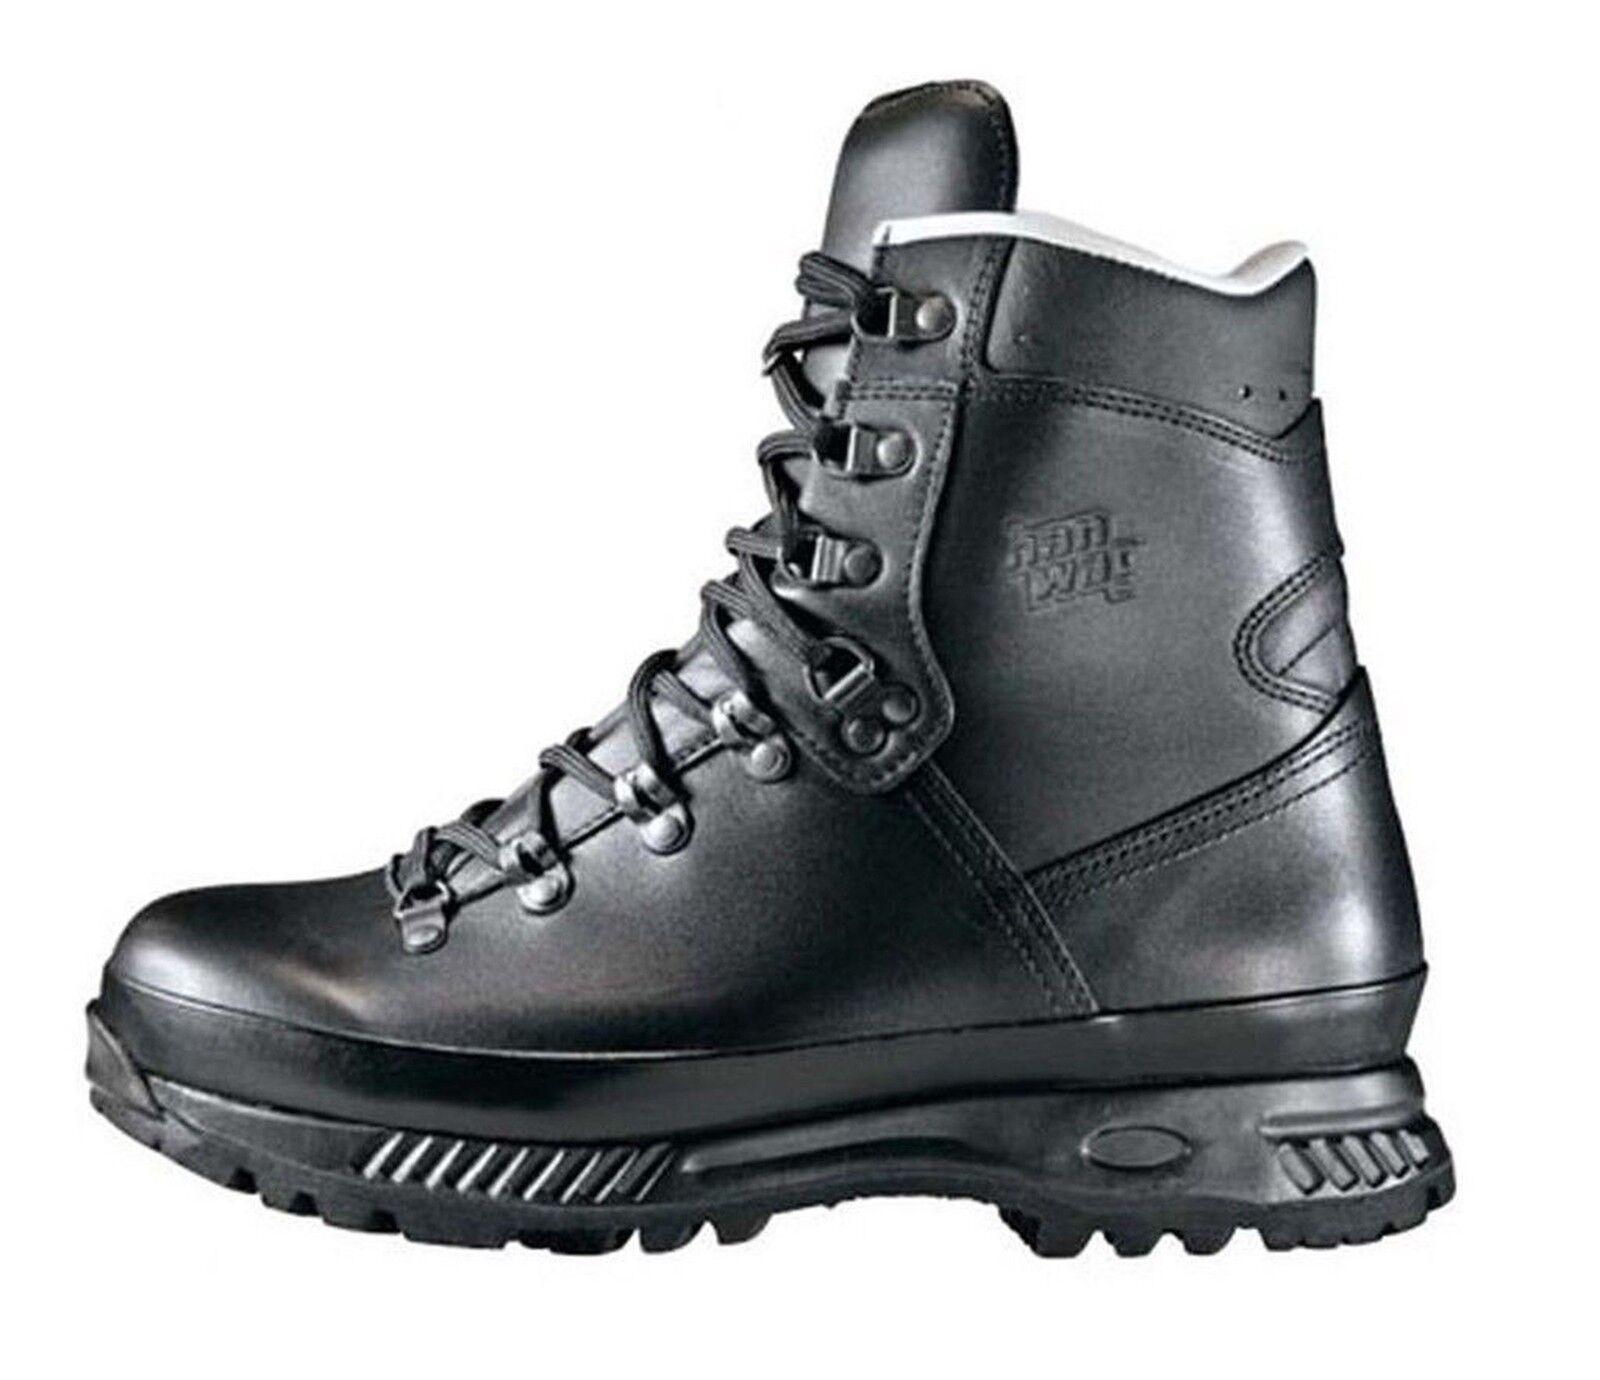 Militär und Sicherheitsdienst HANWAG Special Force LX Größe 10,5 - 45 black